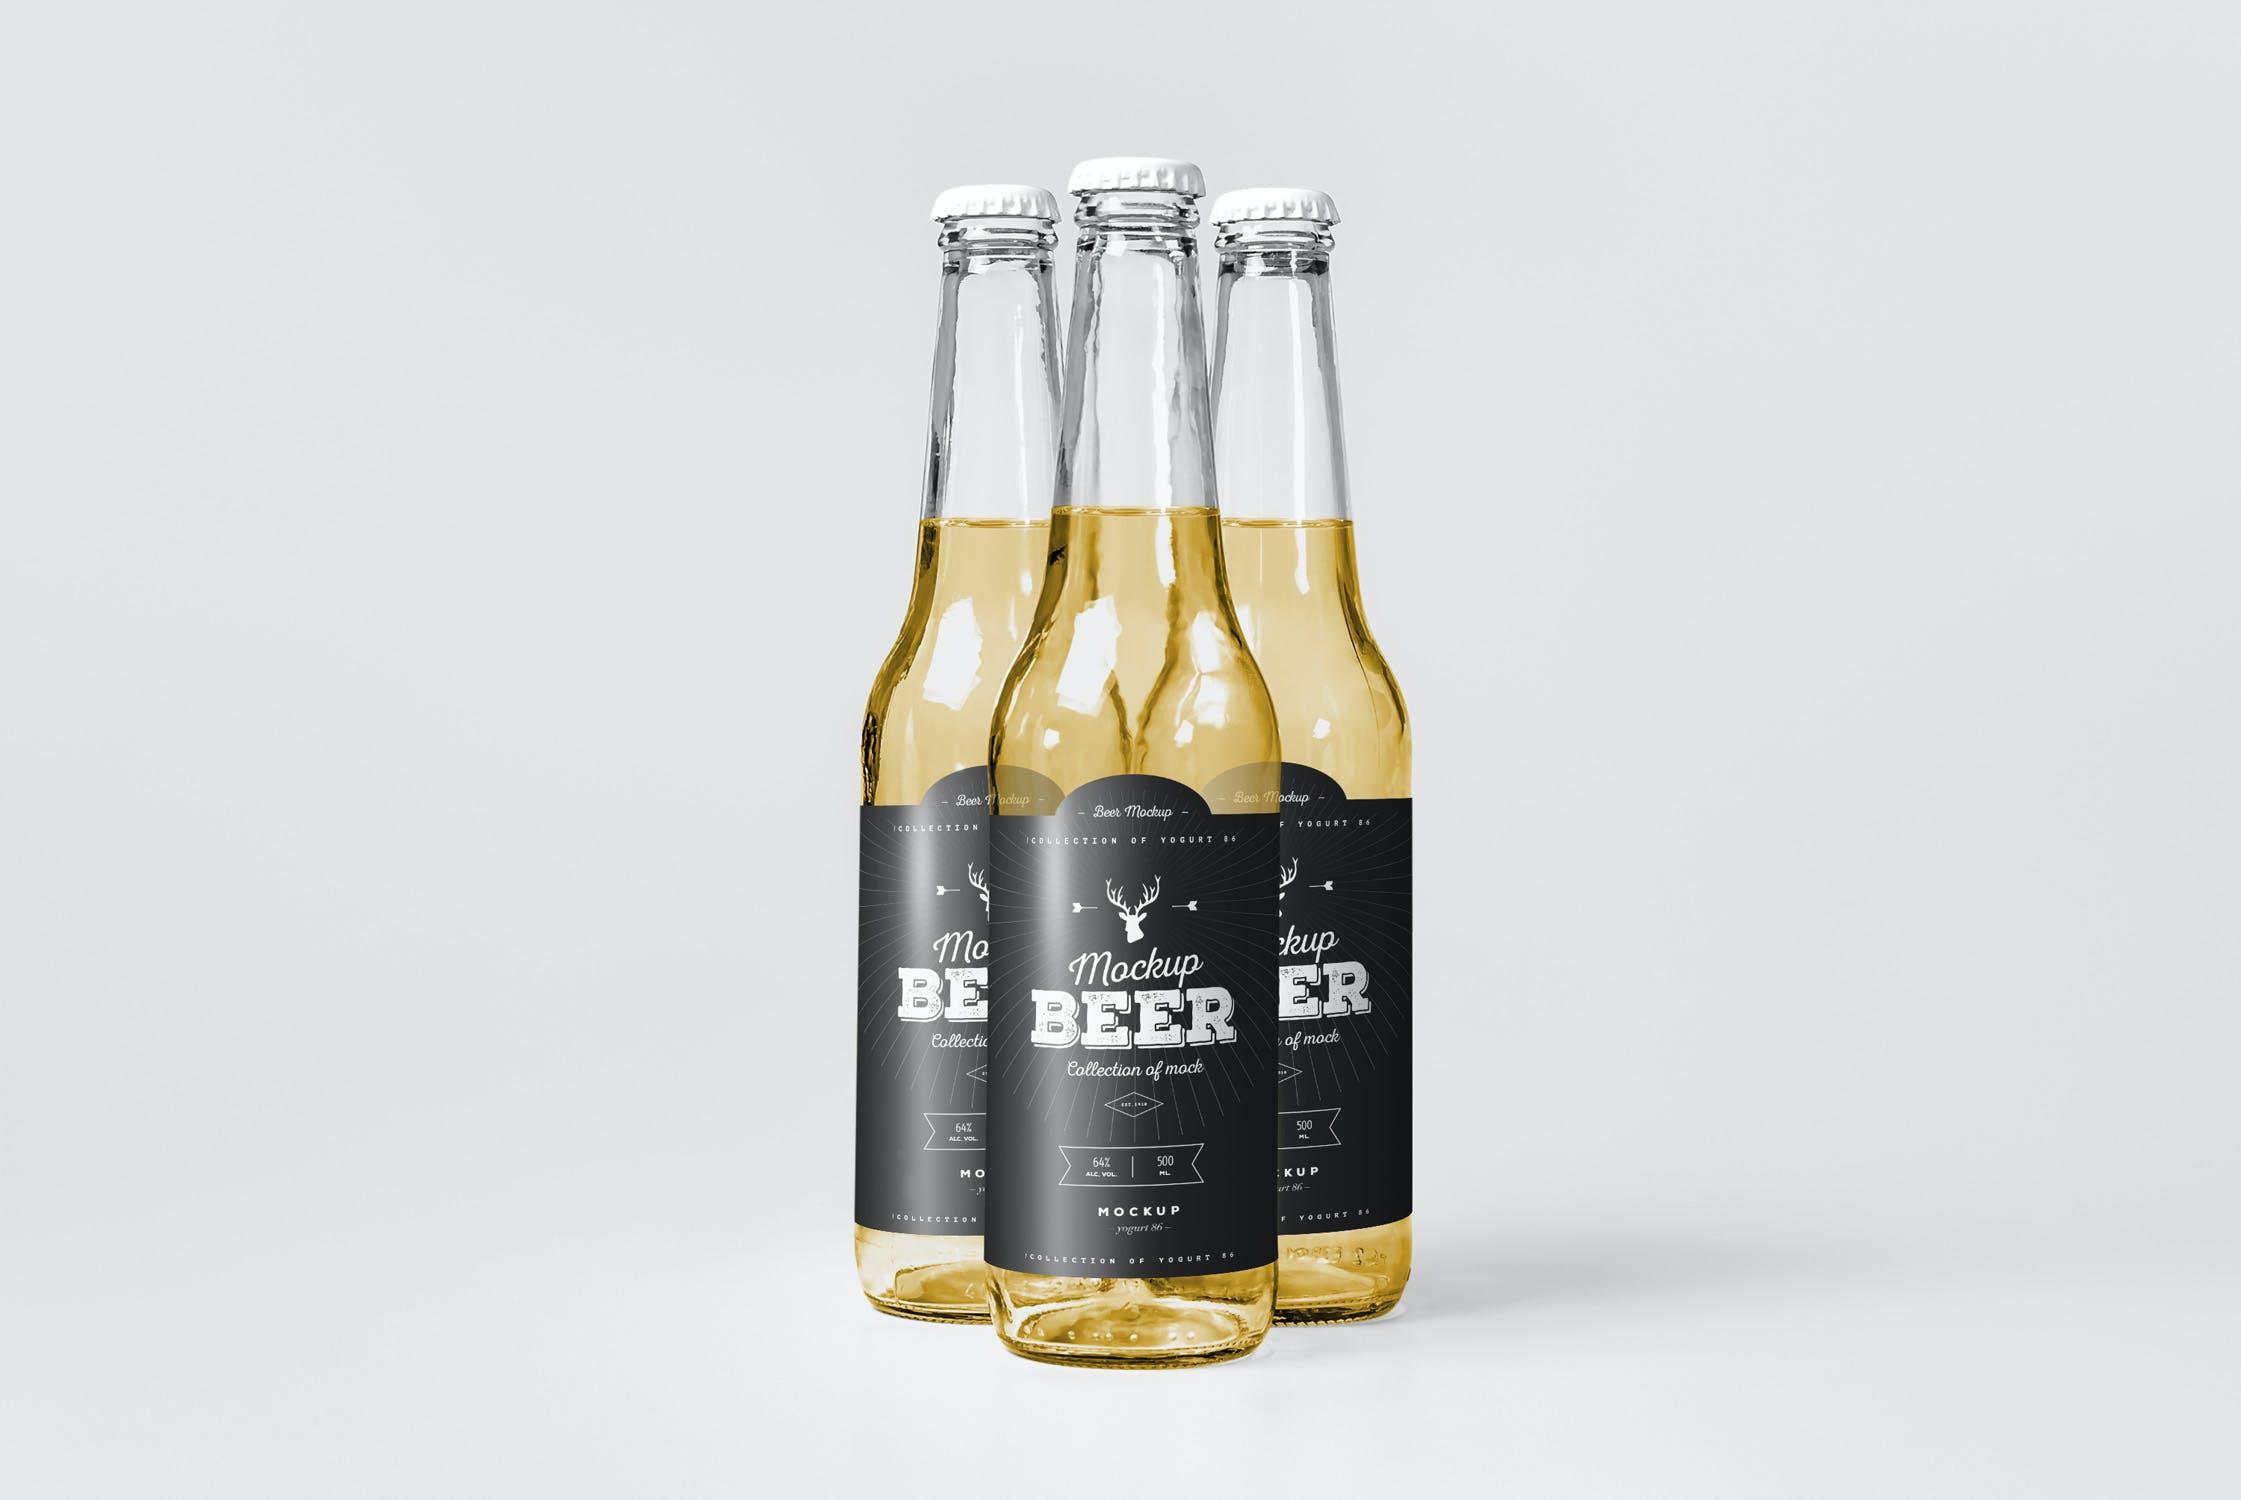 7款啤酒玻璃瓶标签设计展示样机模板 Beer Mockup 5插图(2)